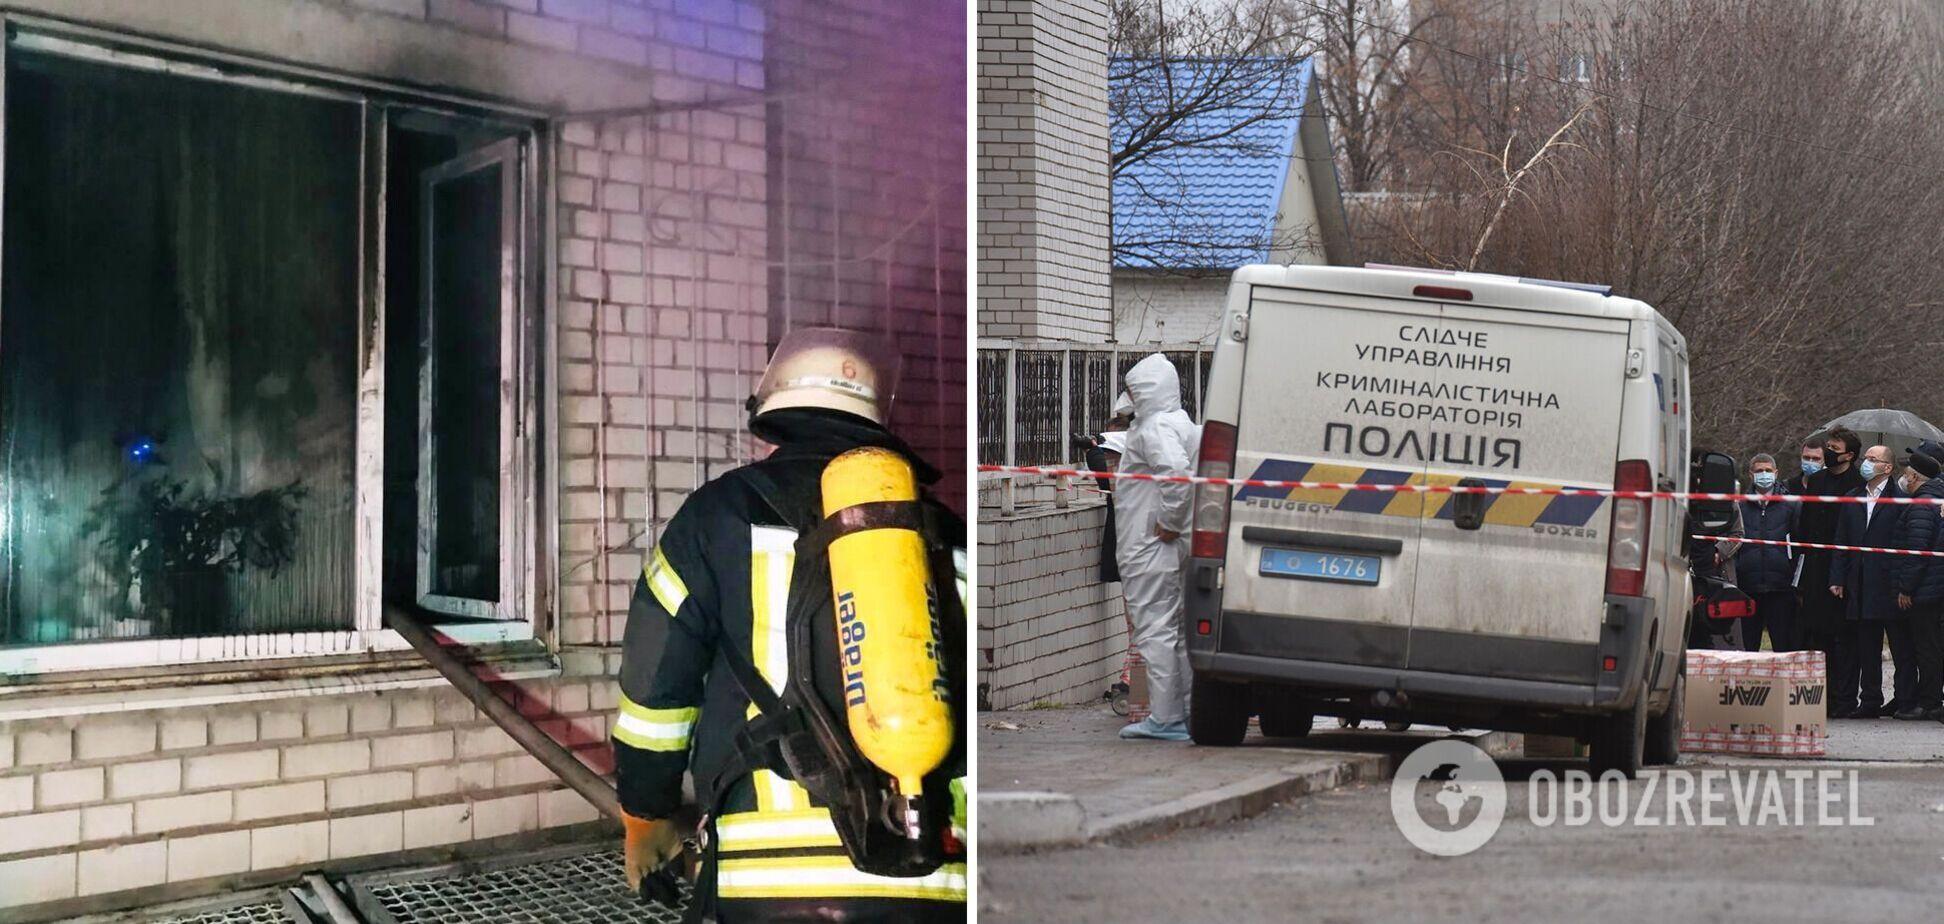 Смертельна пожежа в лікарні Запоріжжя: головлікар виправдав підозрюваного завгоспа